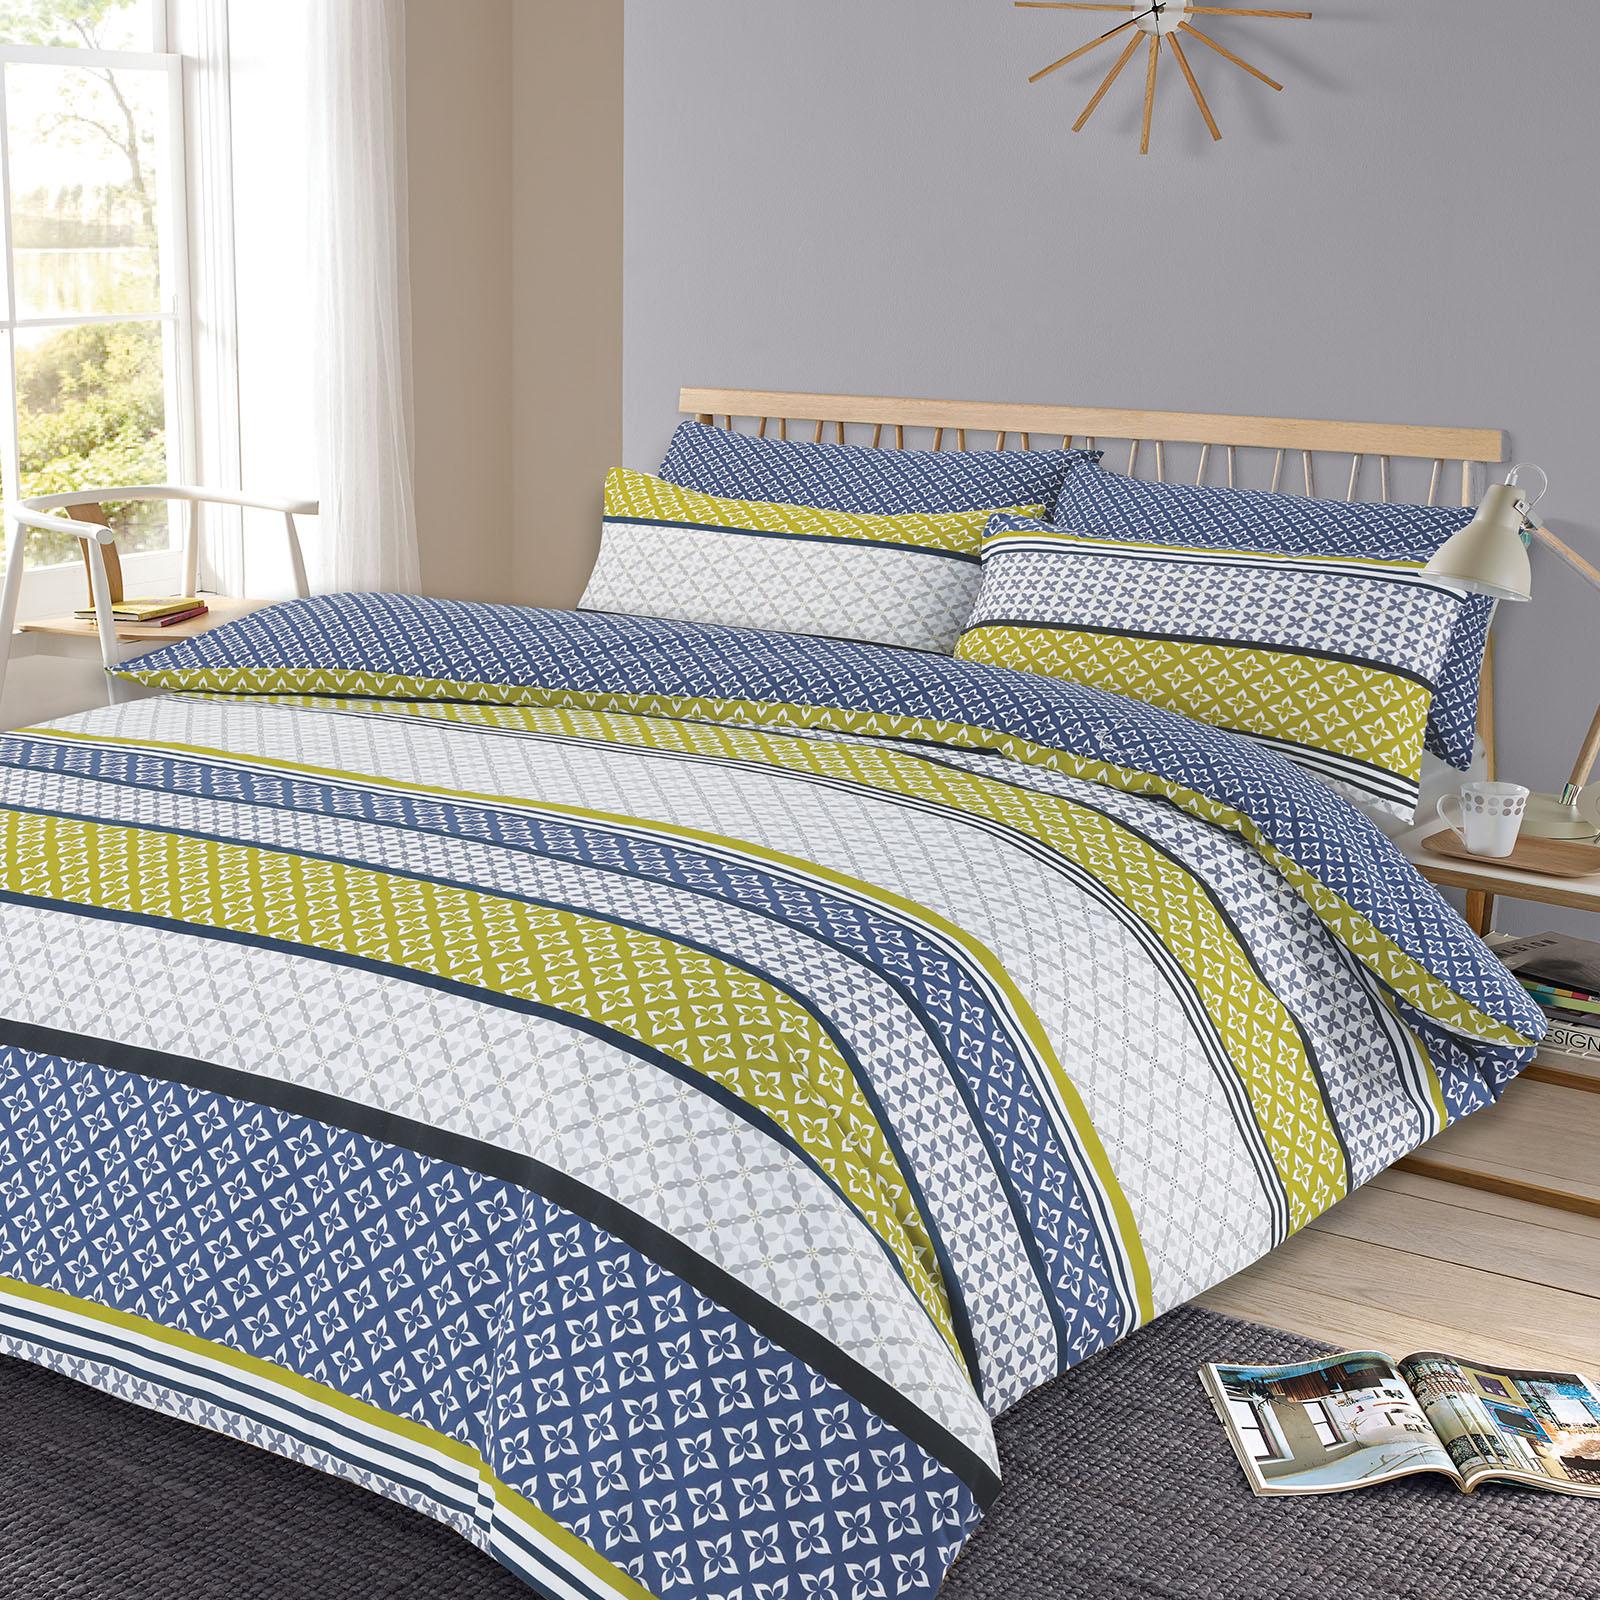 duvet cover with pillowcase reversible bedding set lola blue  - duvetcoverwithpillowcasereversiblebeddingsetlola